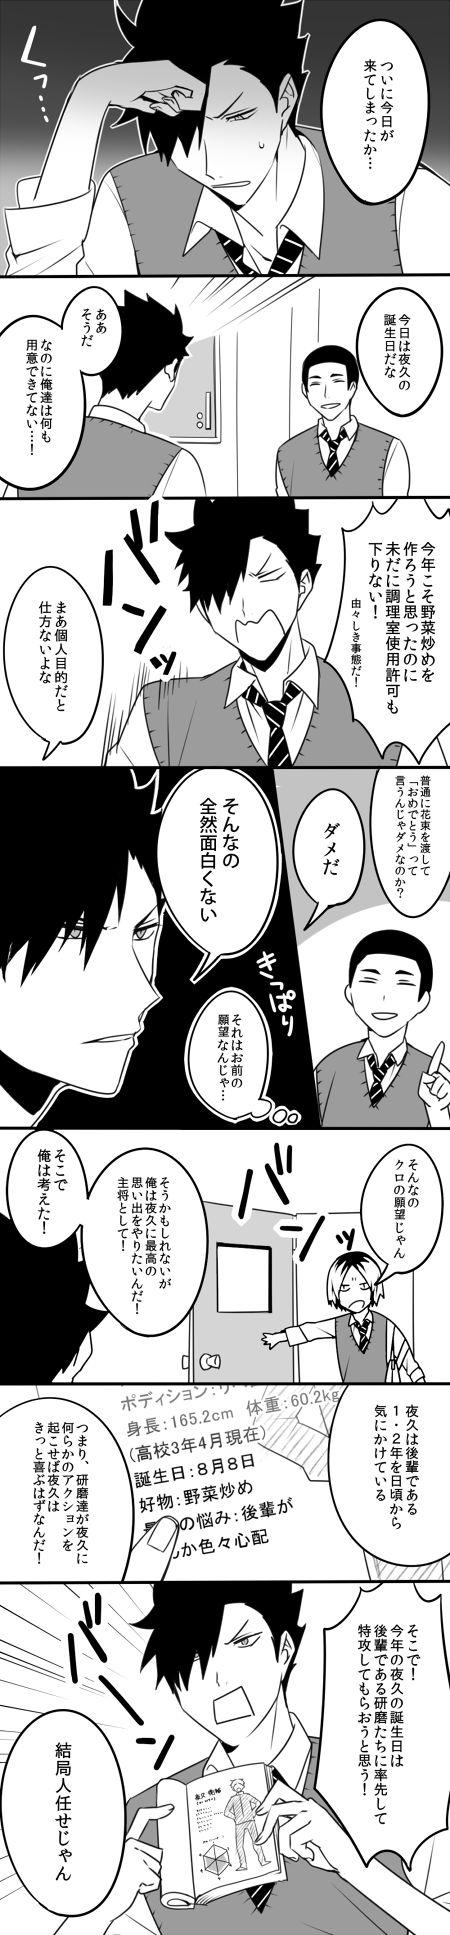 「夜久誕生日2015」/「バラ子」の漫画 [pixiv]